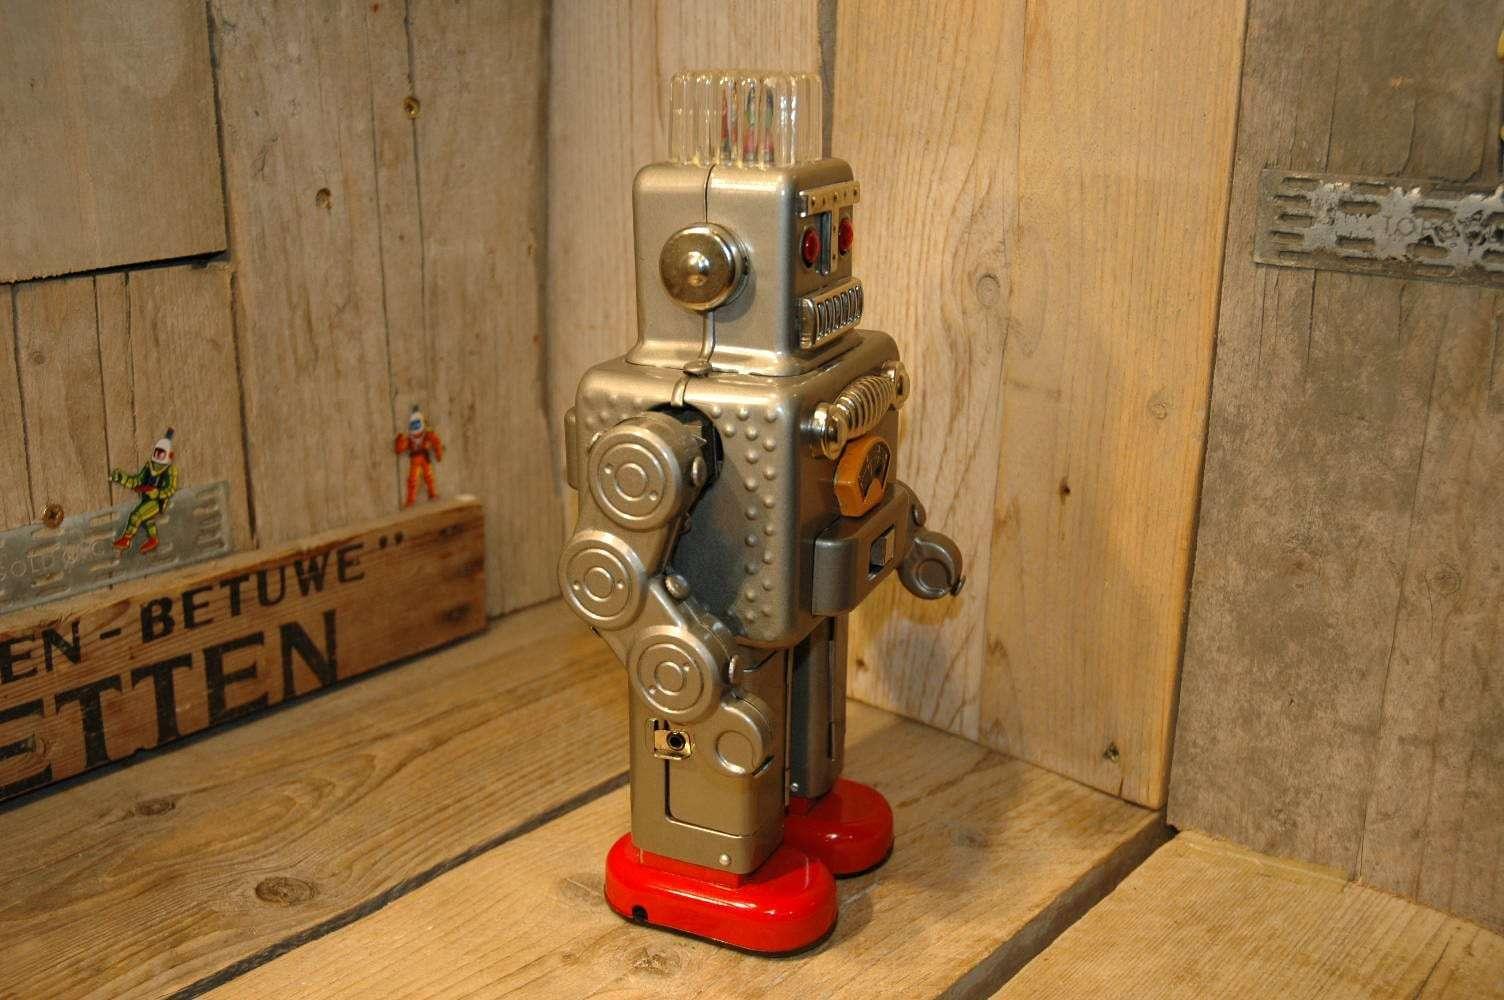 Yonezawa - Smoking Robot